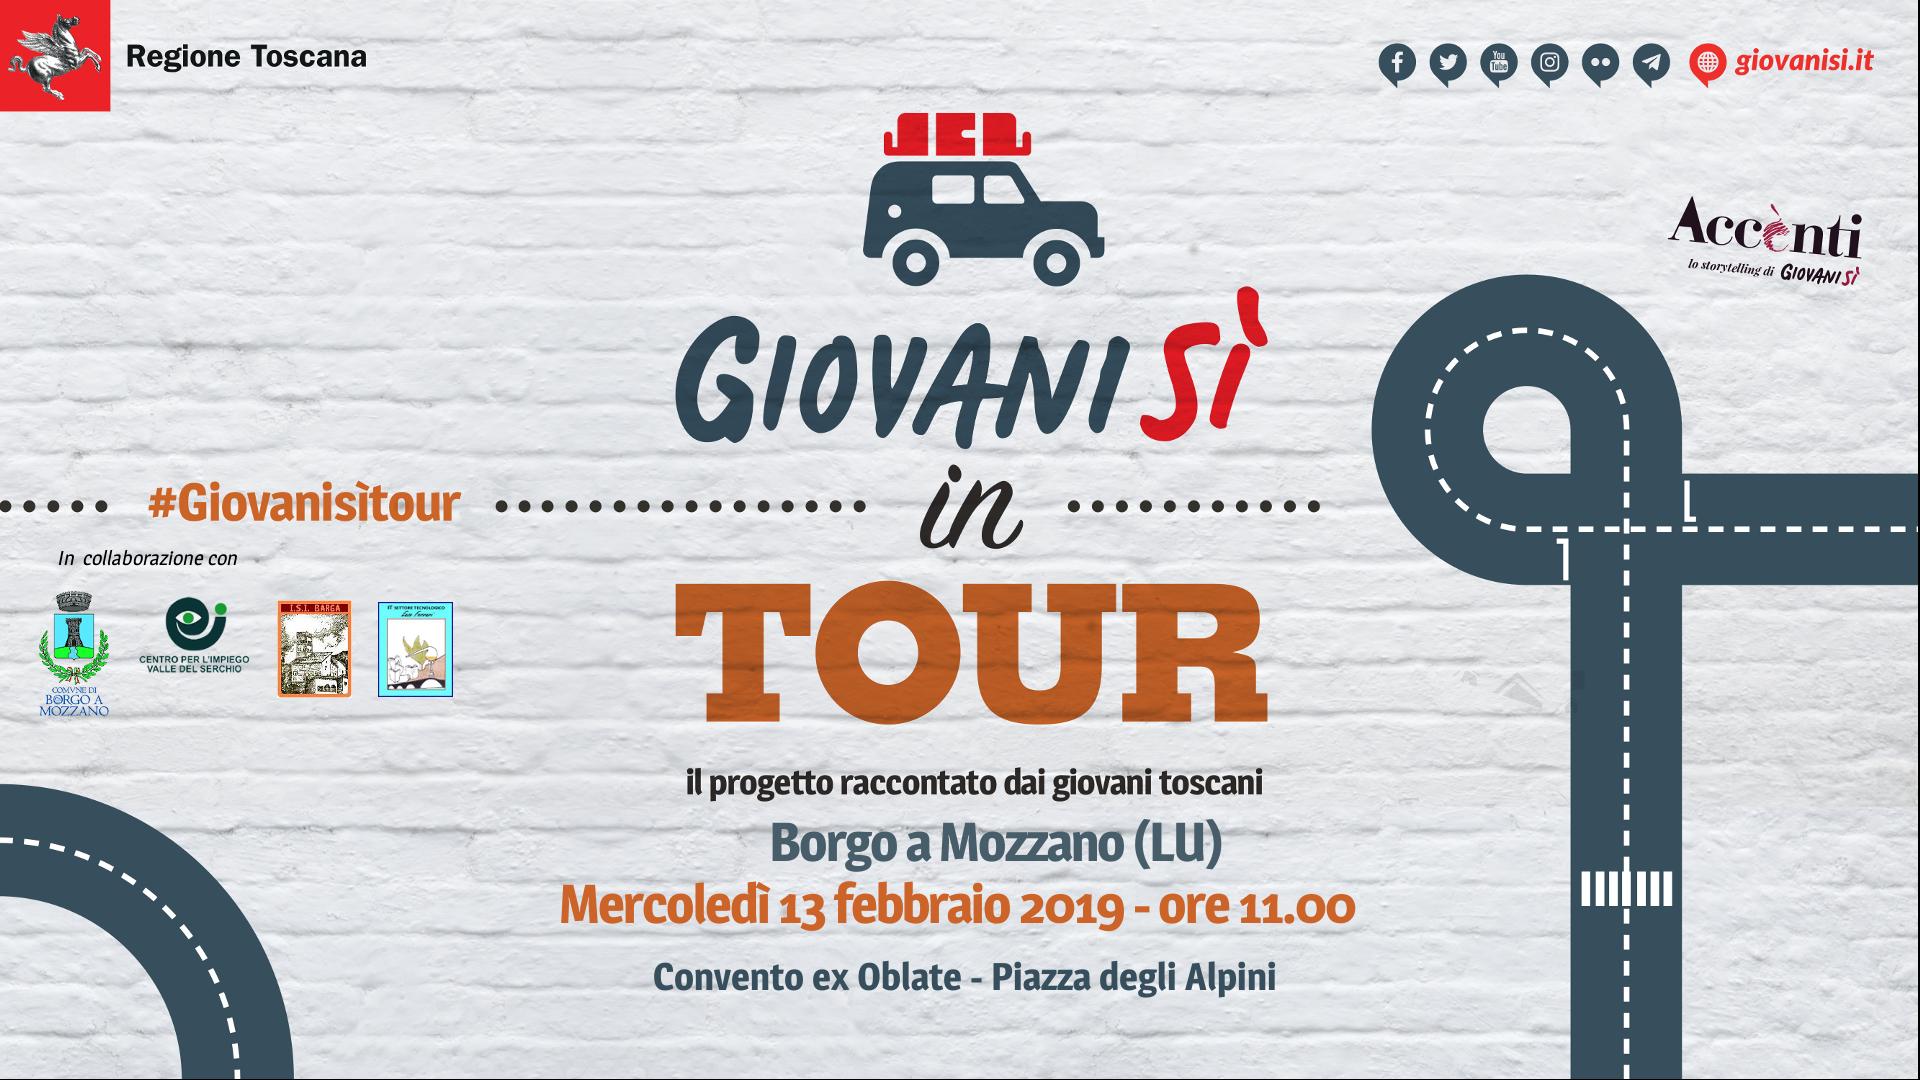 &#8220;Giovanisì in tour: il progetto raccontato dai giovani toscani&#8221;: il 13/2 a Borgo a Mozzano (LU) <div class='giovanisi-subtitle'>Incontro rivolto alle classi IV e V dell&#039;ISI Barga (ITT Enzo Ferrari)</div>